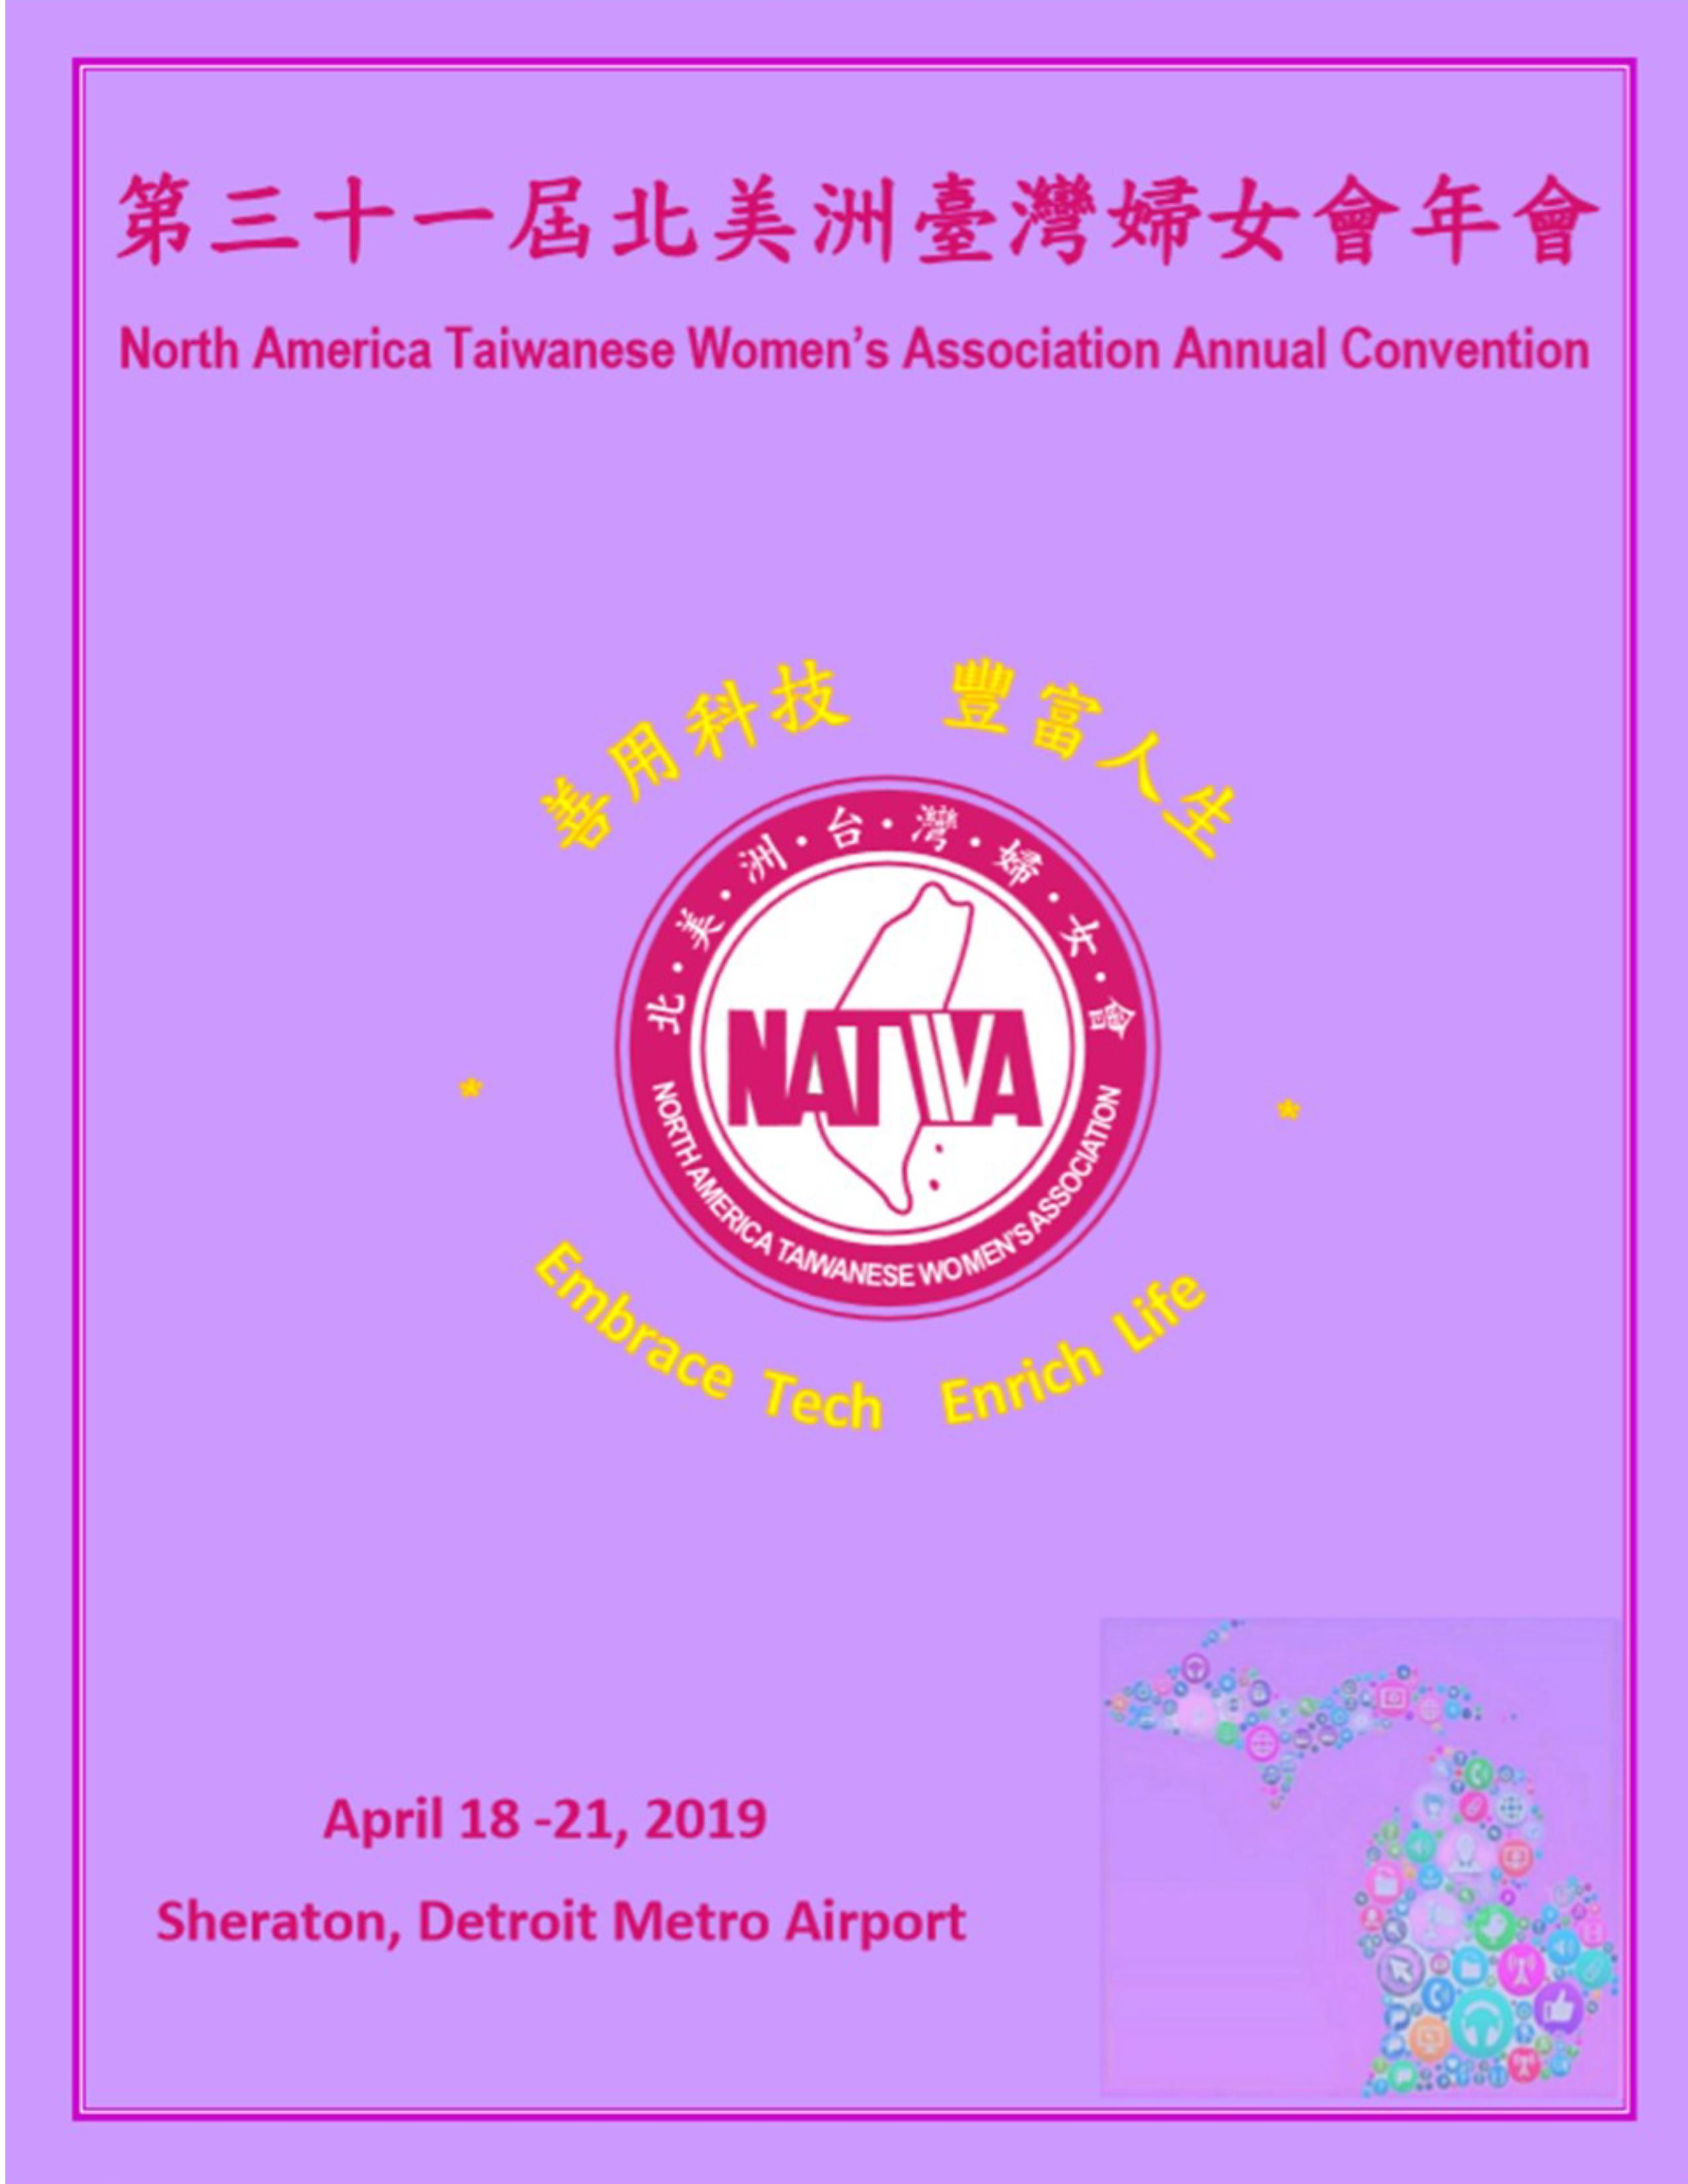 1266. 第三十一屆北美洲台灣婦女會年會 / NATWA /04/2019/Magazines/雜誌